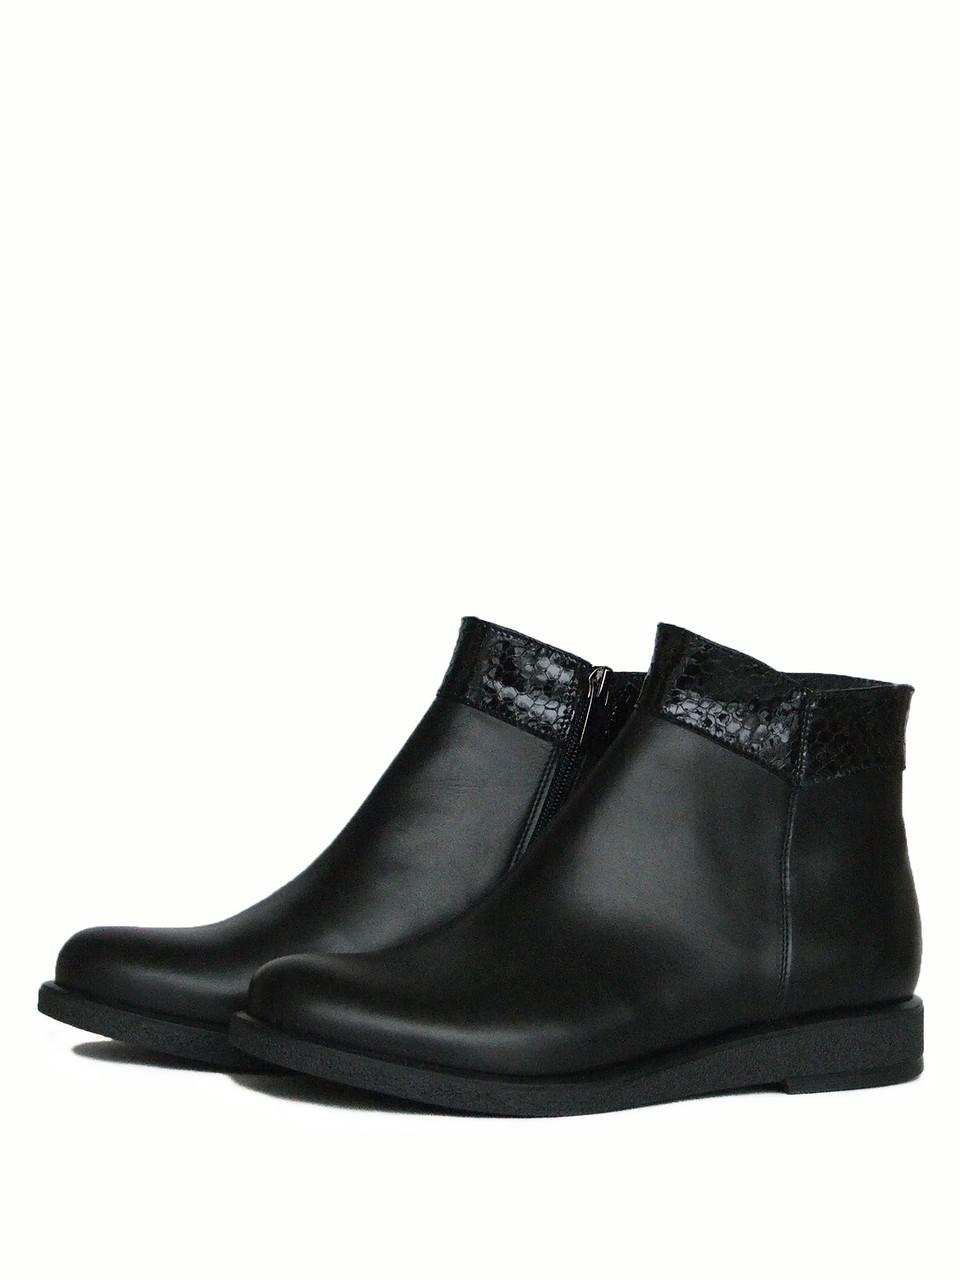 Кожаные короткие ботинки на низком ходу